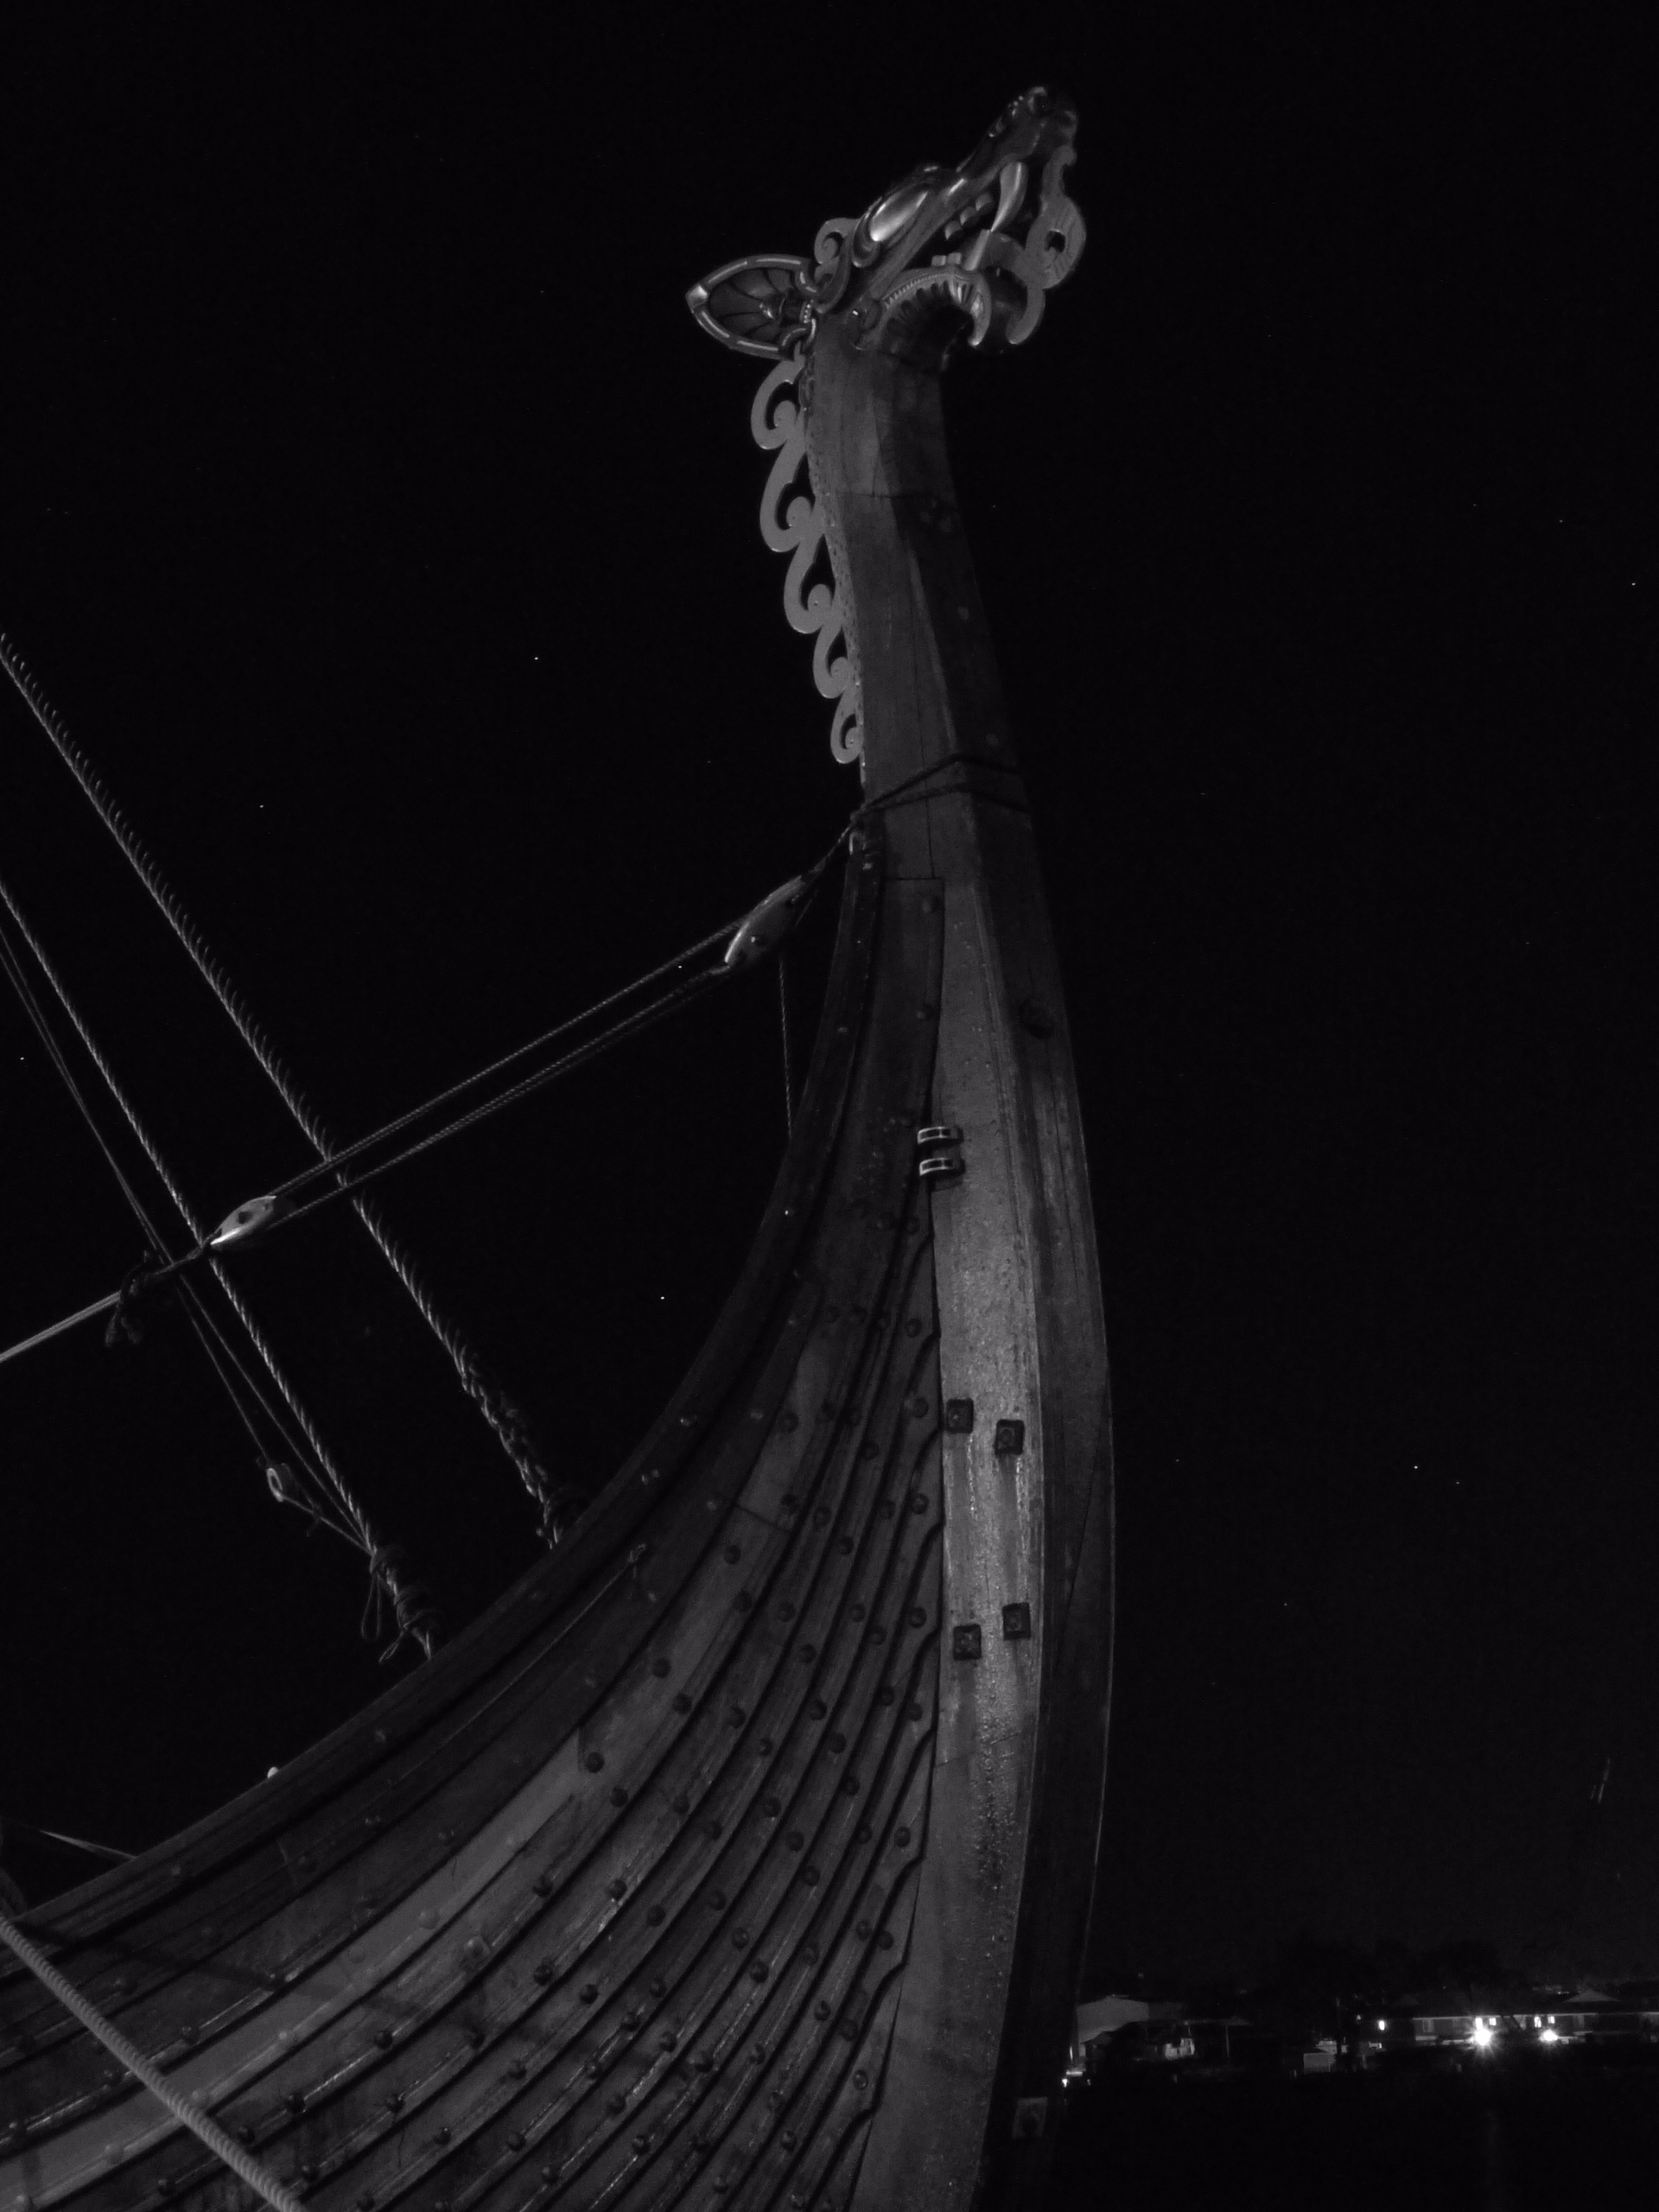 Prow Viking Longship Draken Har - thepoetsdoor | ello